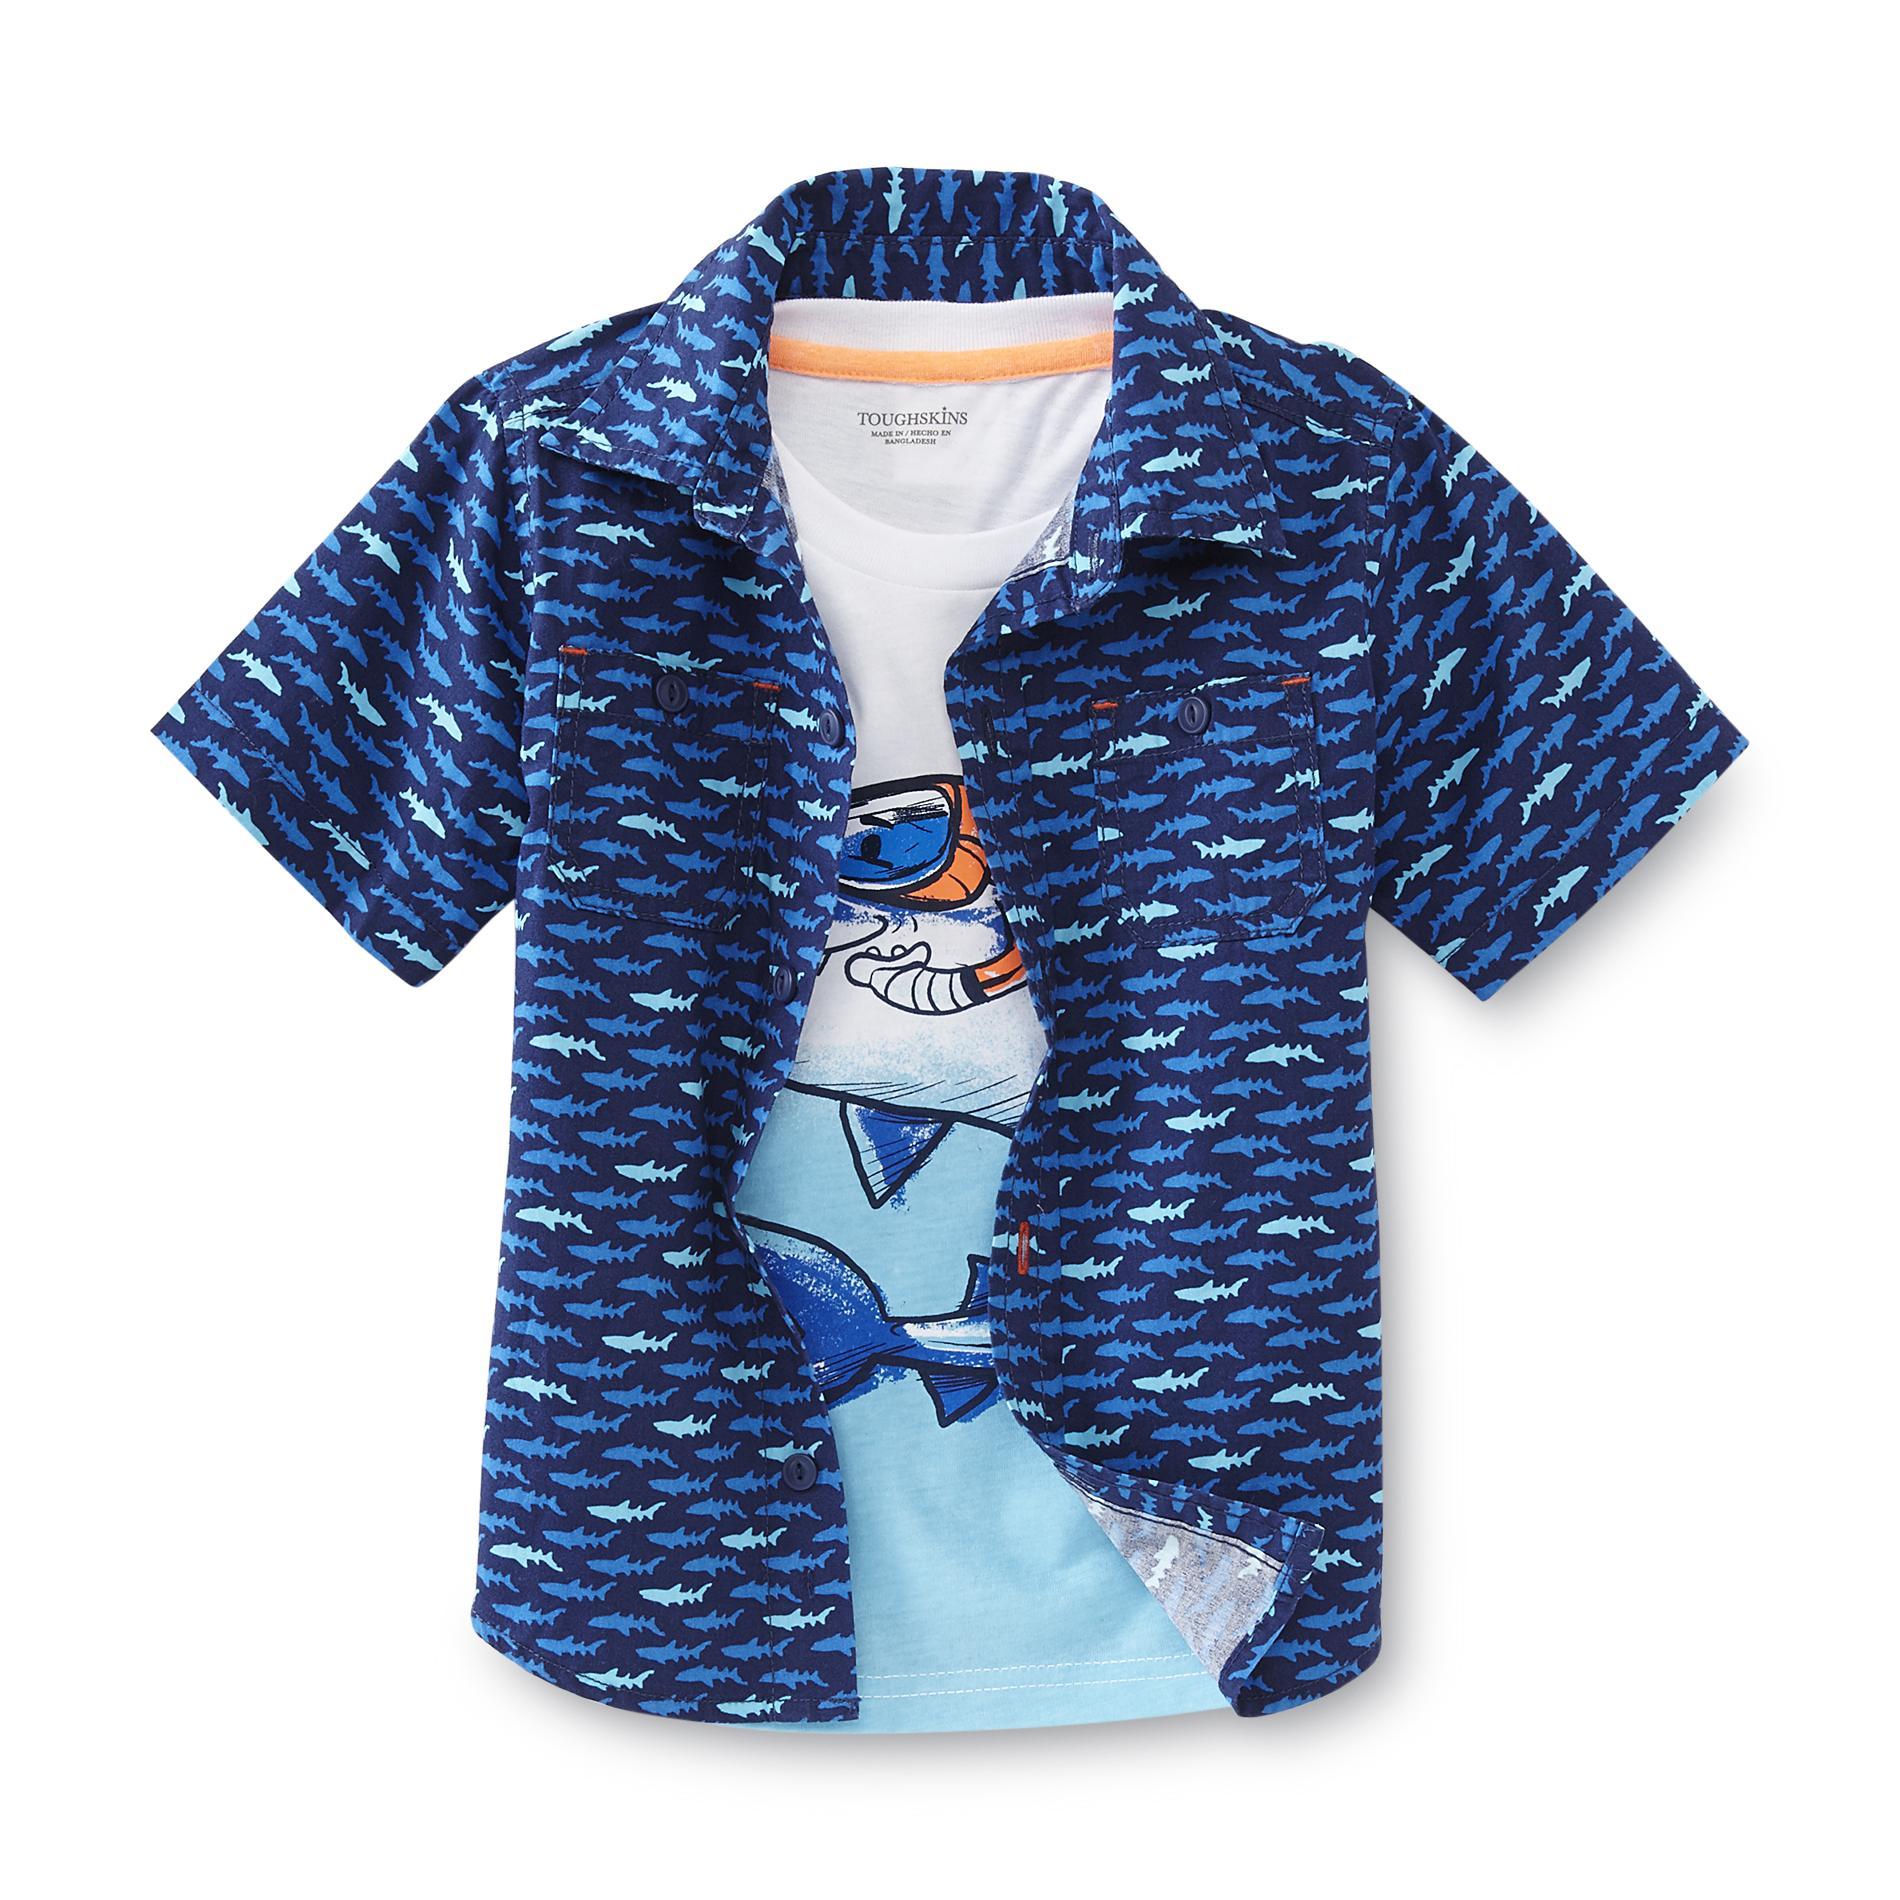 Toughskins Infant & Toddler Boy's Button-Front Shirt & T-Shirt - Sharks